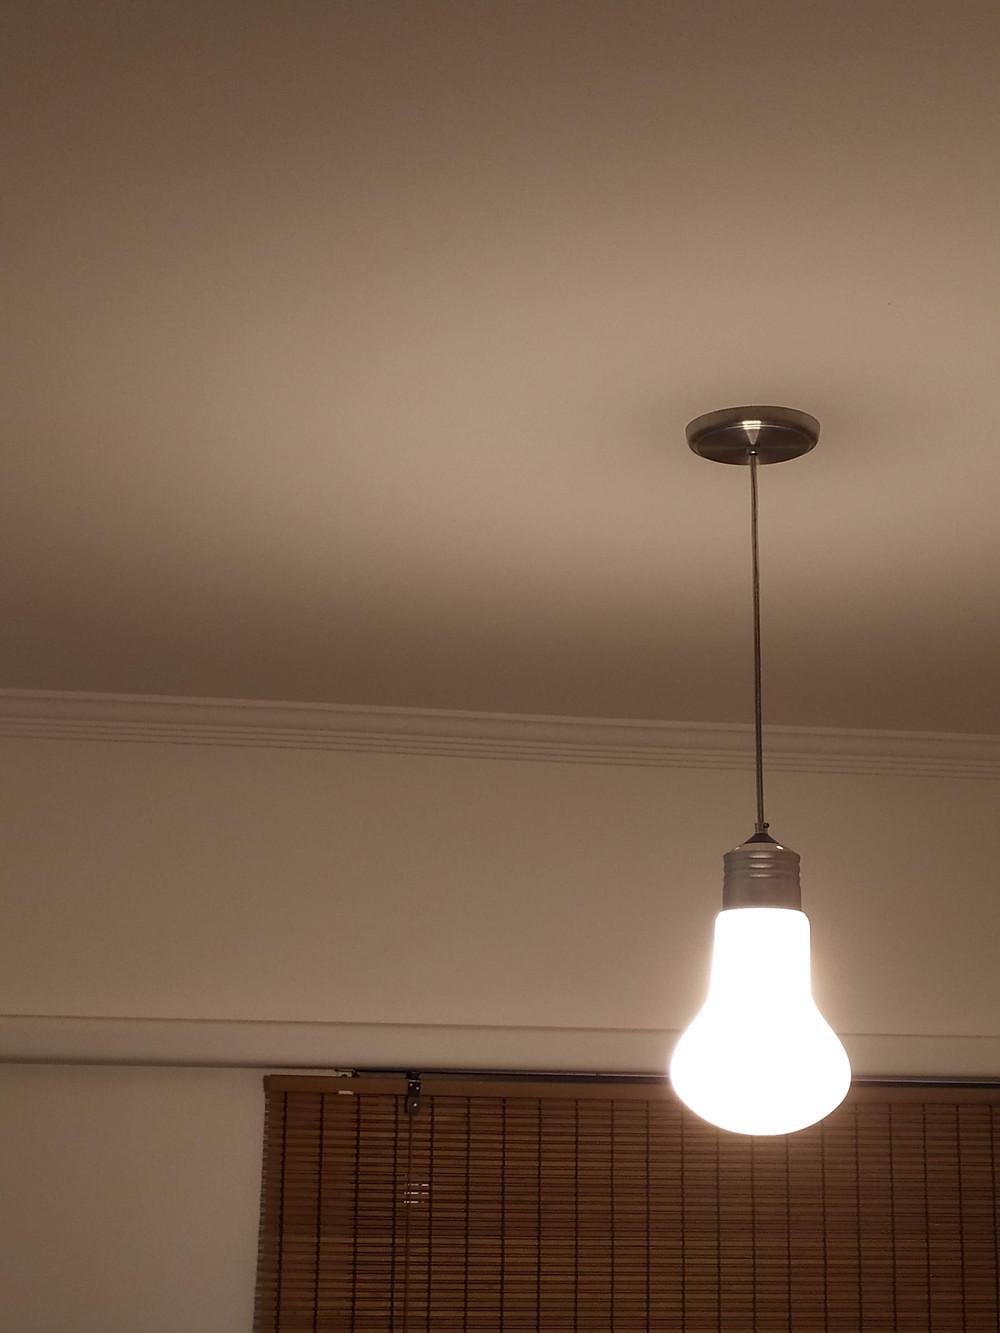 Lâmpada gigante faz uma brincadeira no meu `quarto de ideias´